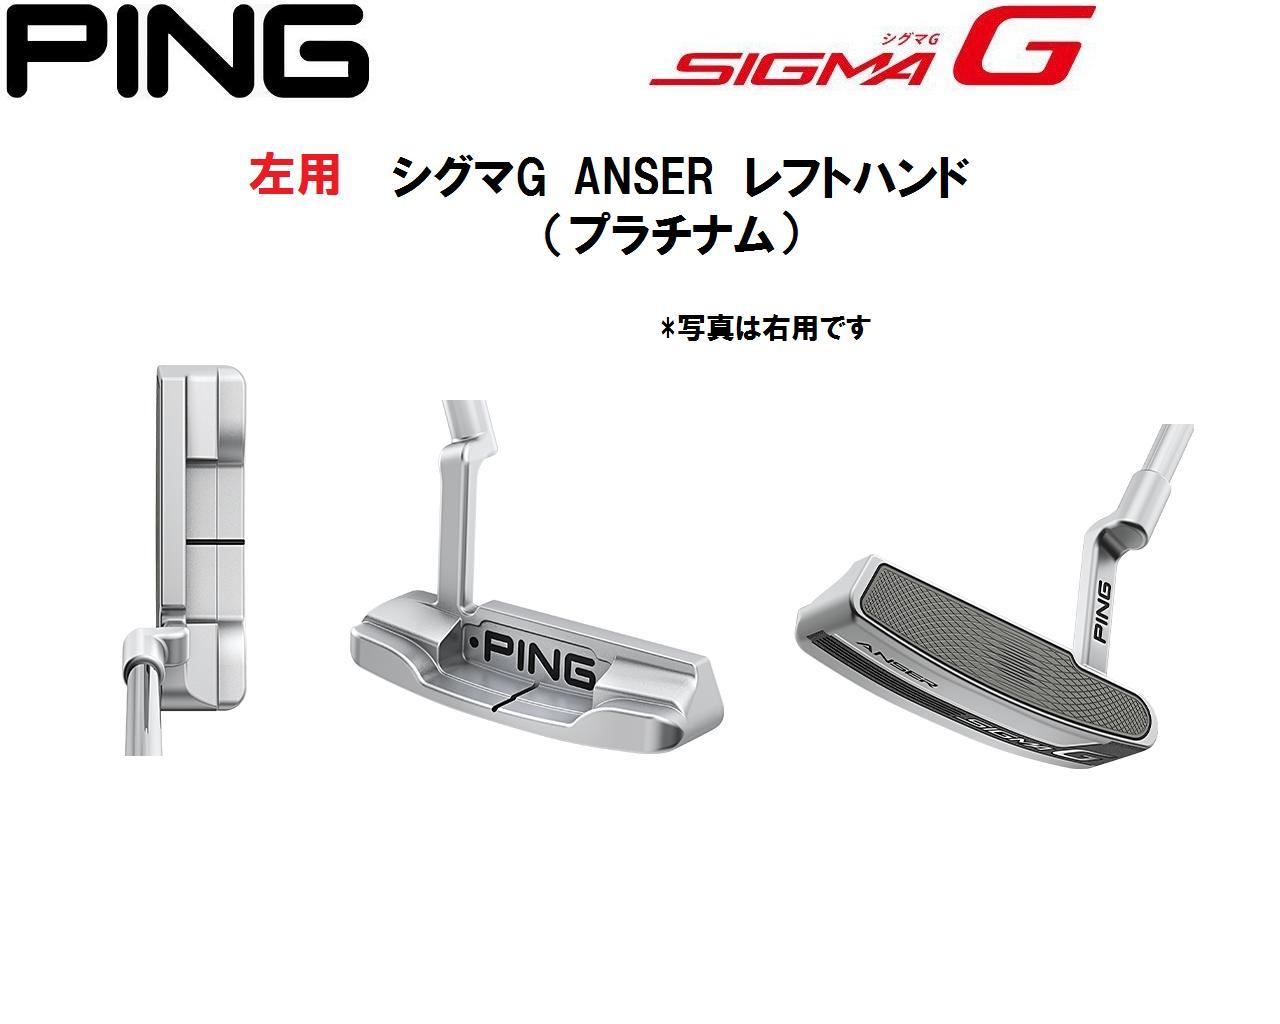 【新品左用】PING SIGMA G ANSER PUTTER (左用) ピン シグマG アンサー プラチナム仕上げ 左用パター (シャフト固定式) PP60 グリップ 日本正規品 ヘッドカバー付き